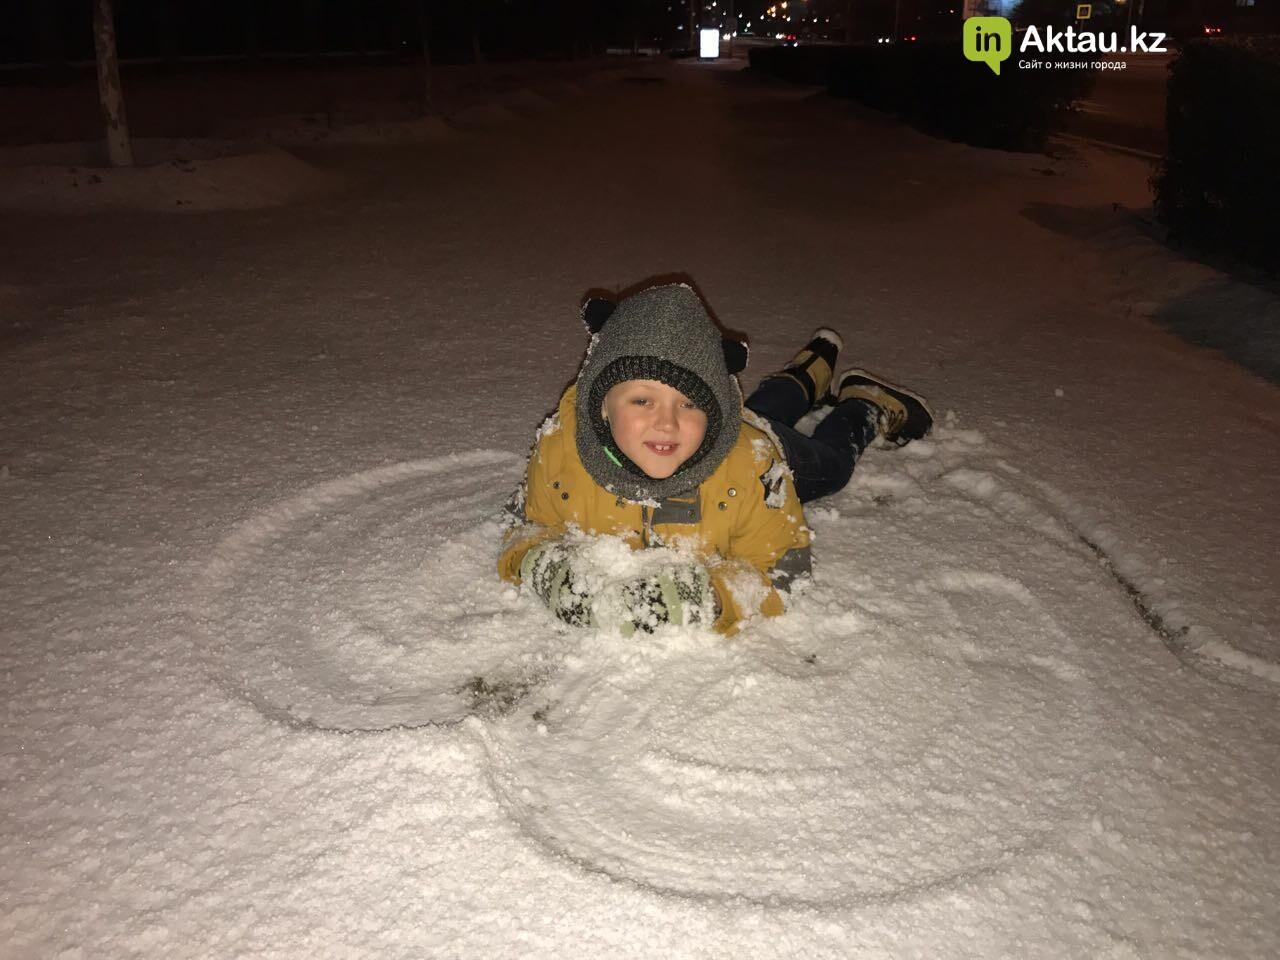 Первый снег в Актау (Фото), фото-4